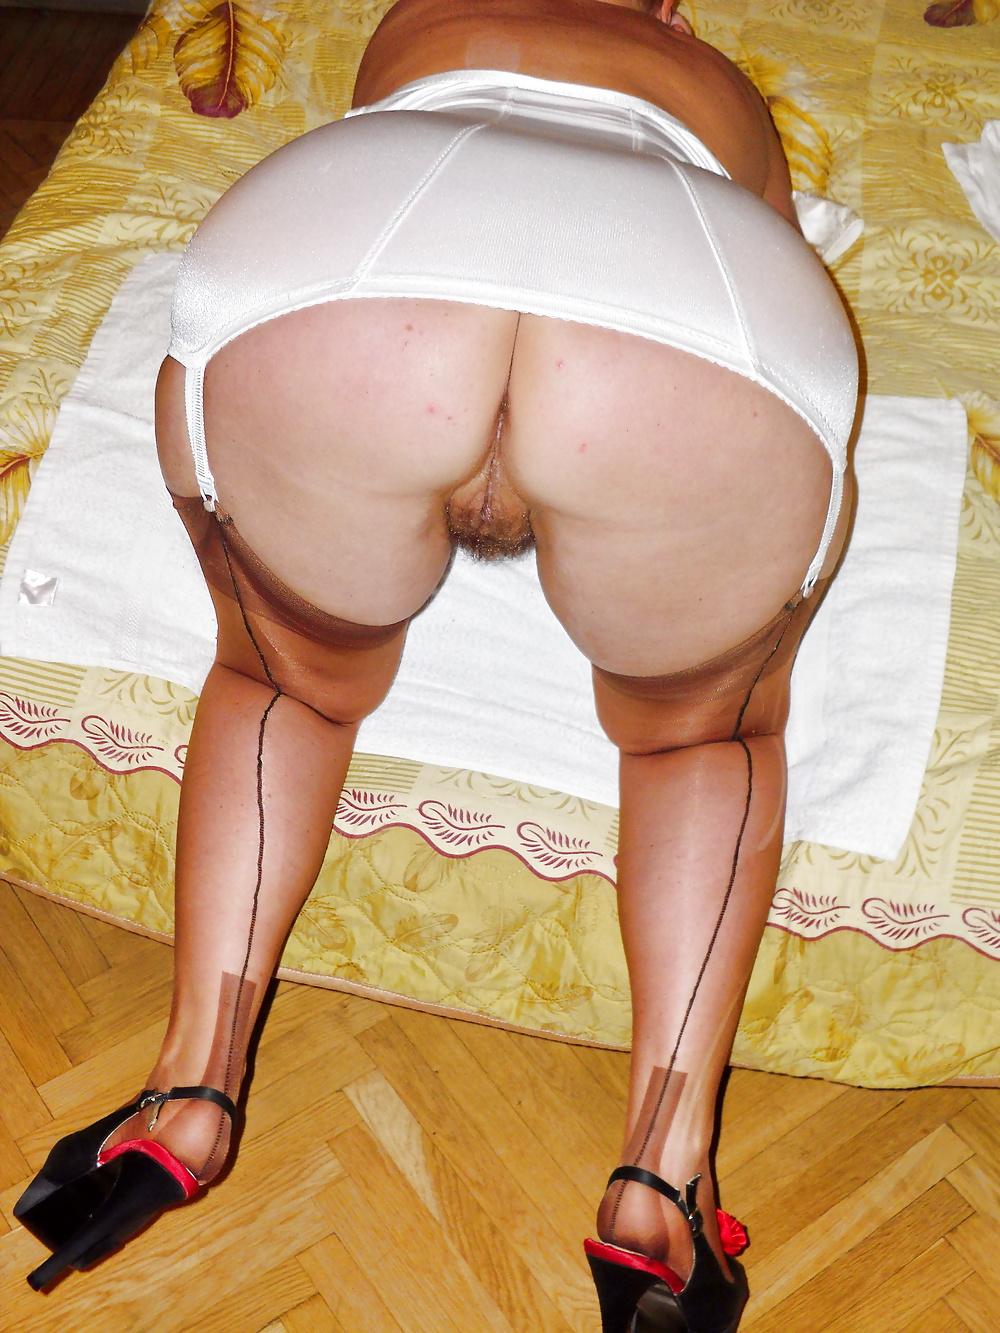 женщины мастурбируют в панталонах